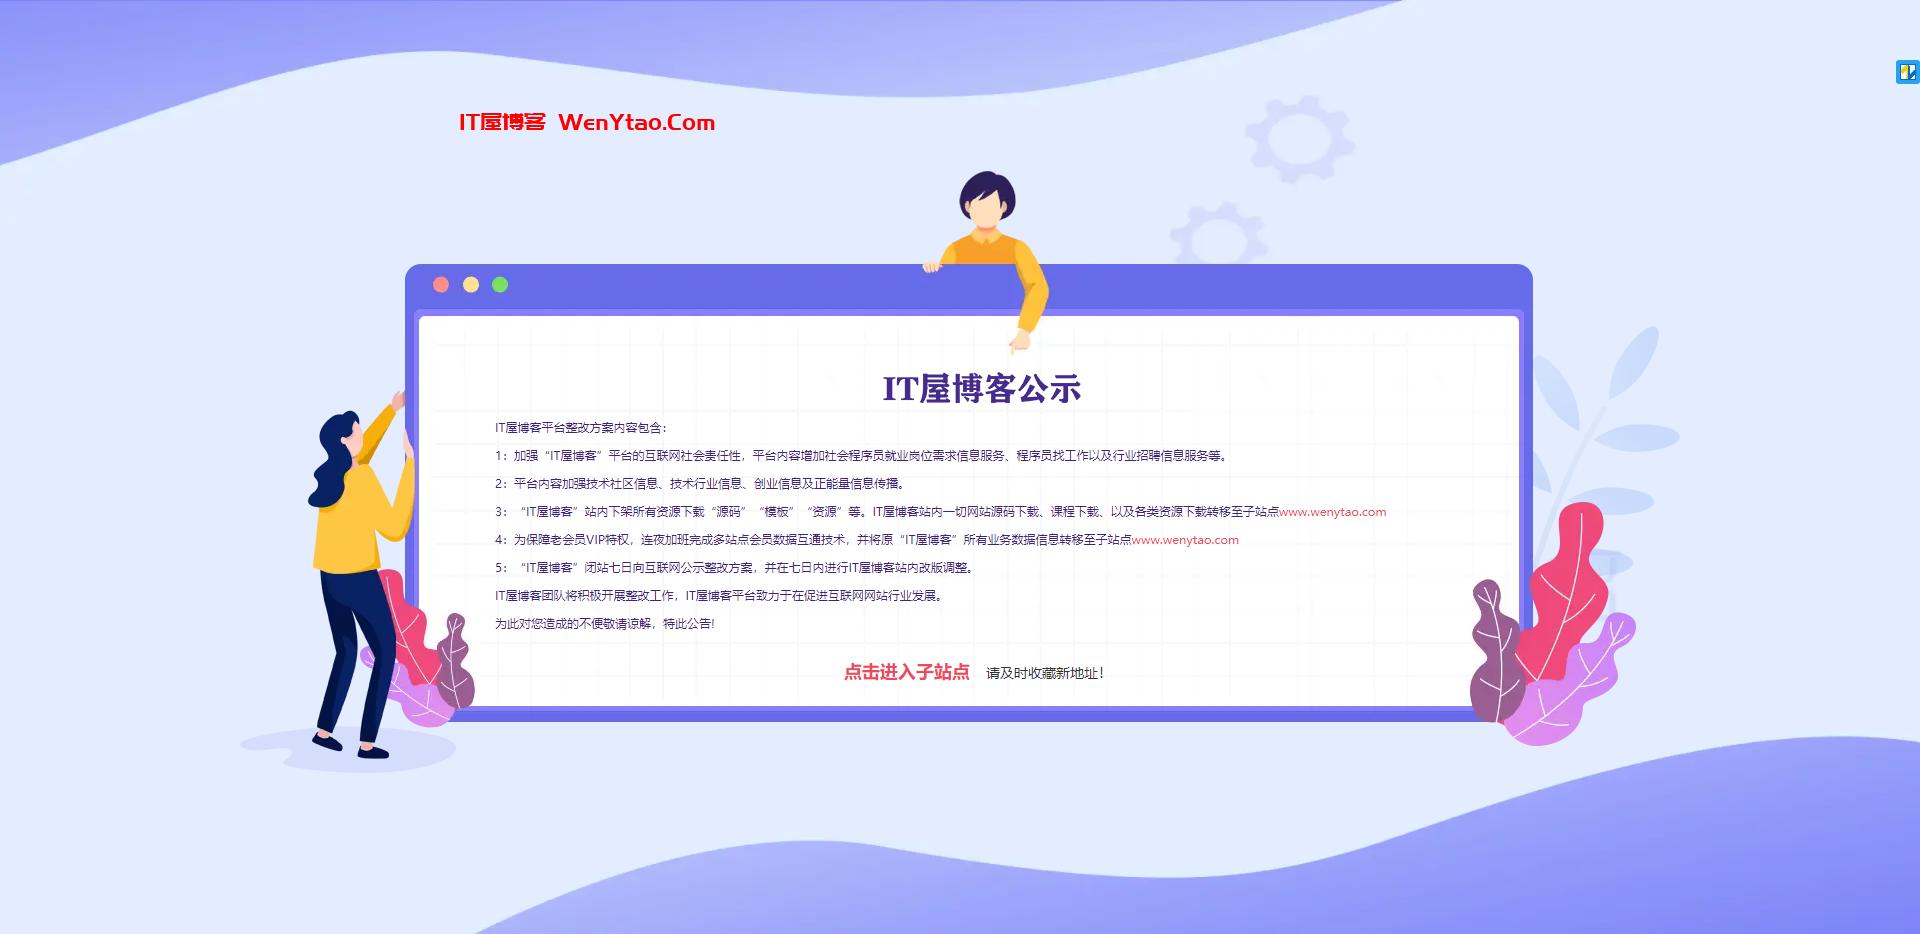 网站紫色公示HTML代码 网站公告代码 网站维护HTML代码